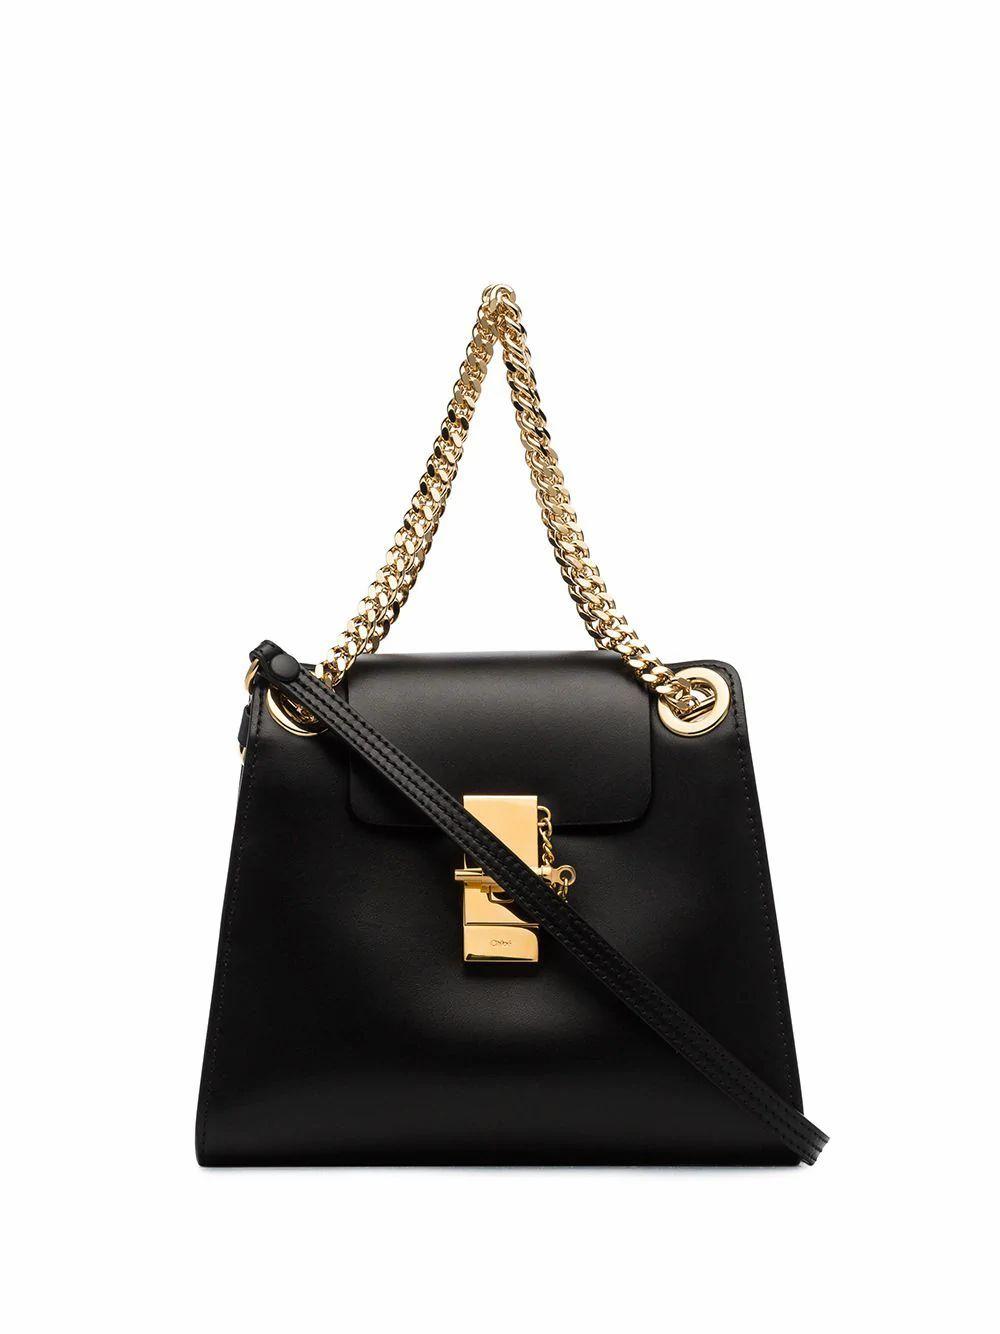 CHLOÉ WOMEN'S CHC19AS118A37001 BLACK LEATHER SHOULDER BAG